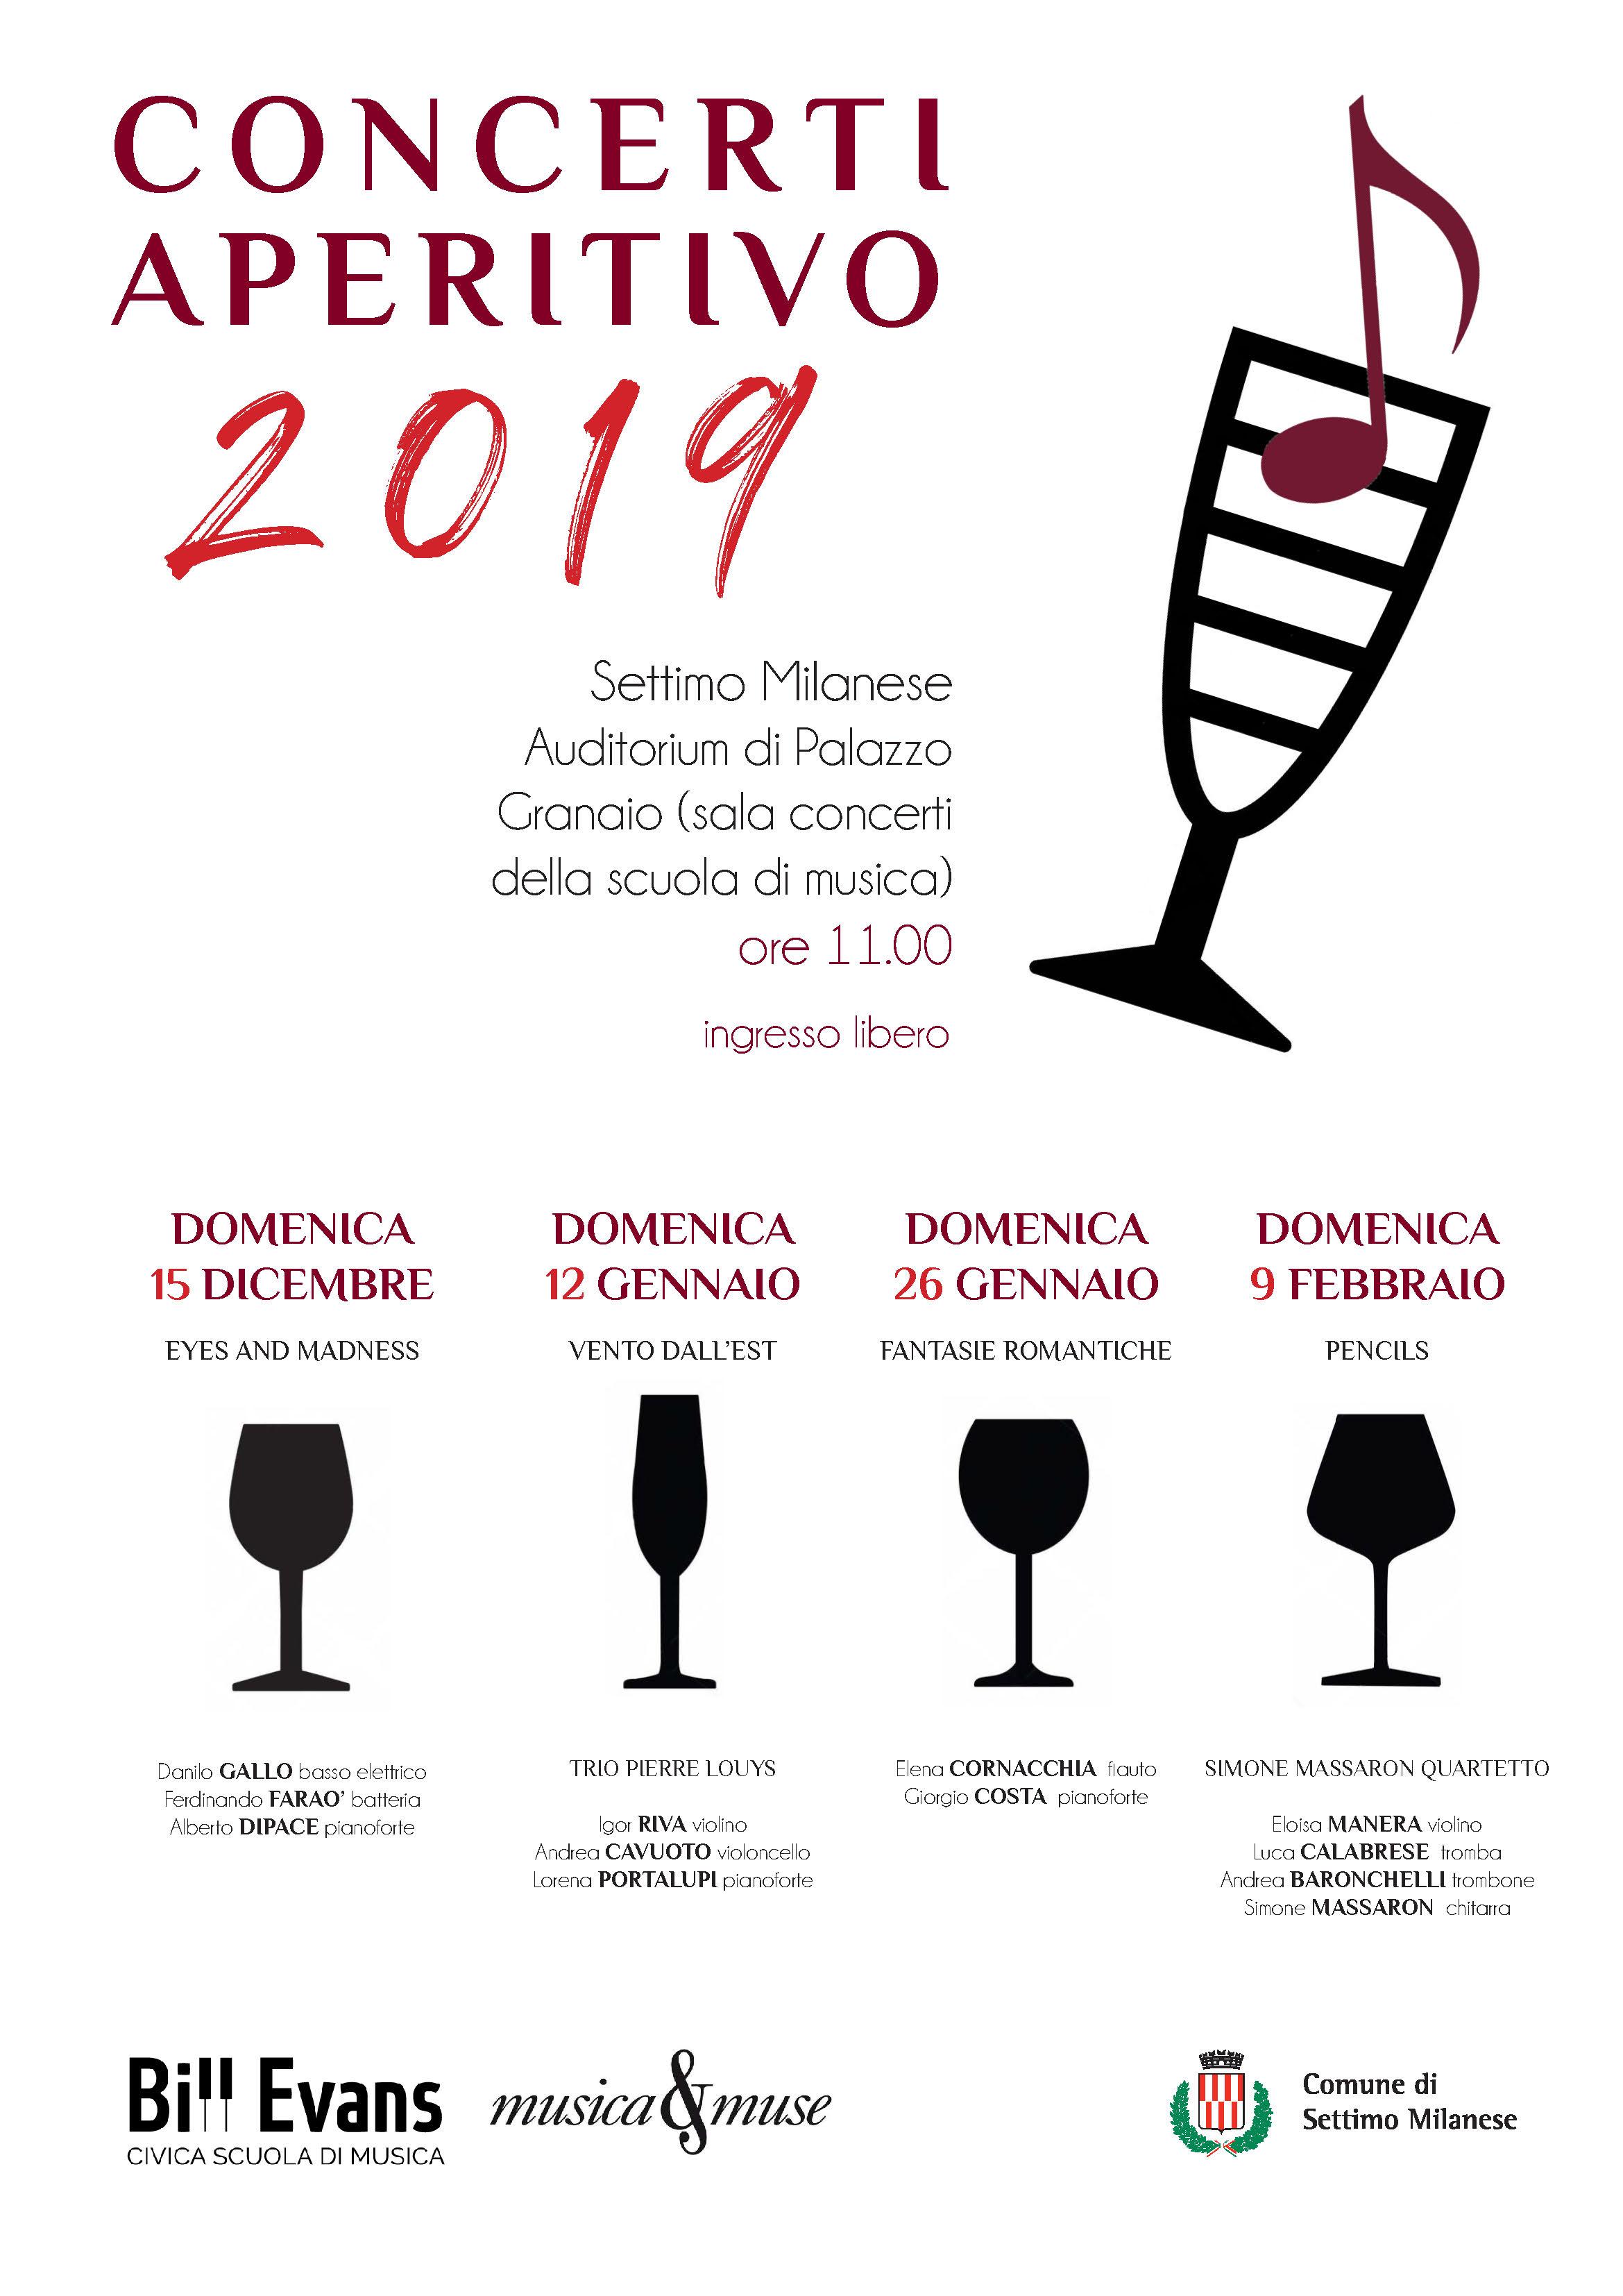 Concerto aperitivo Settimo Milanese 2019